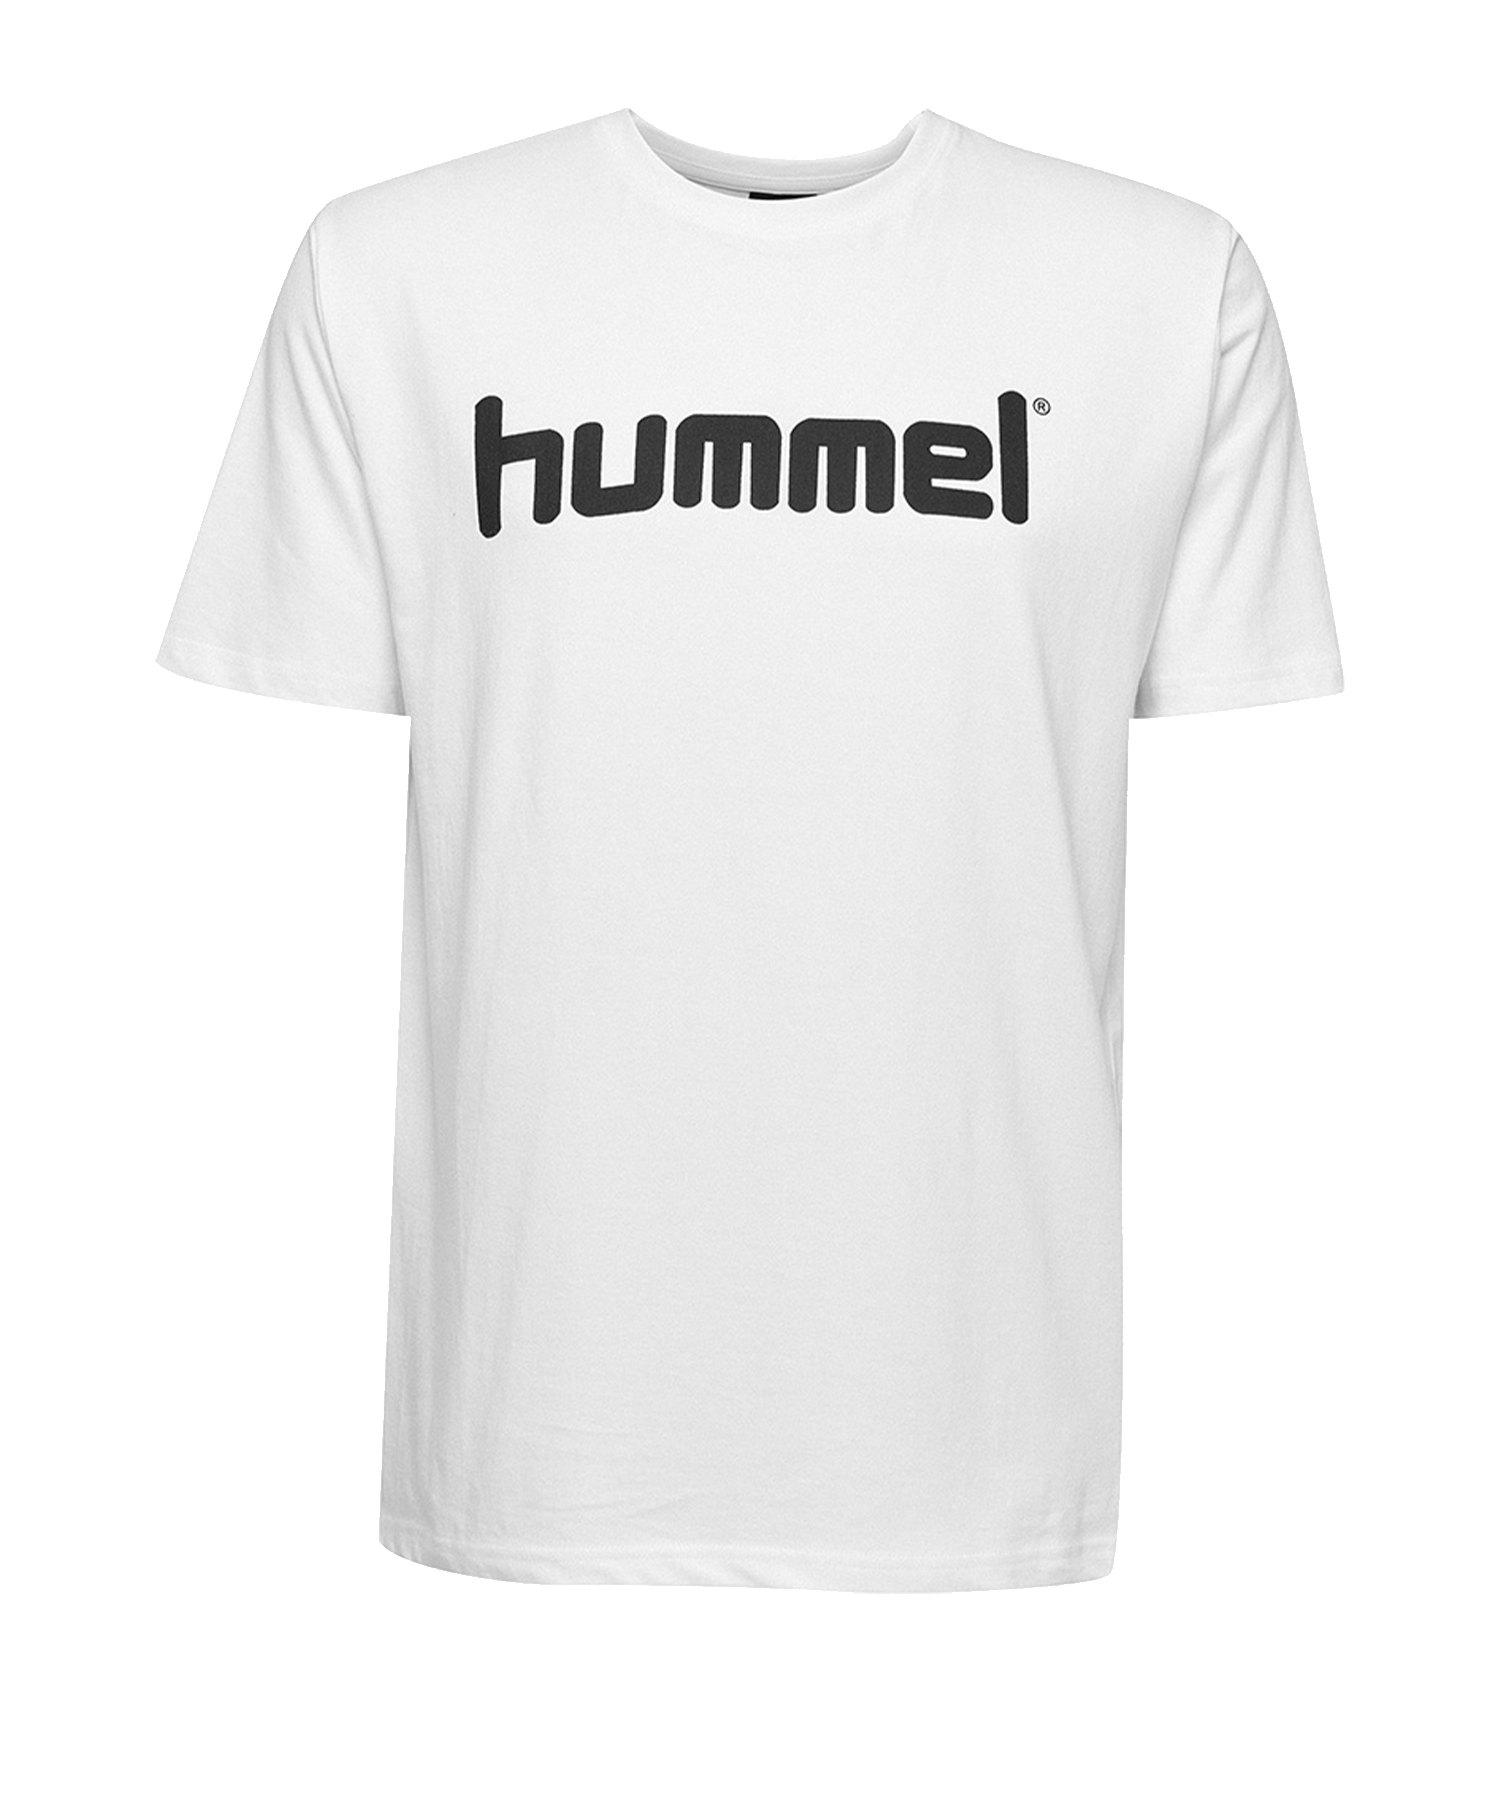 Hummel Cotton T-Shirt Logo Weiss F9001 - Weiss